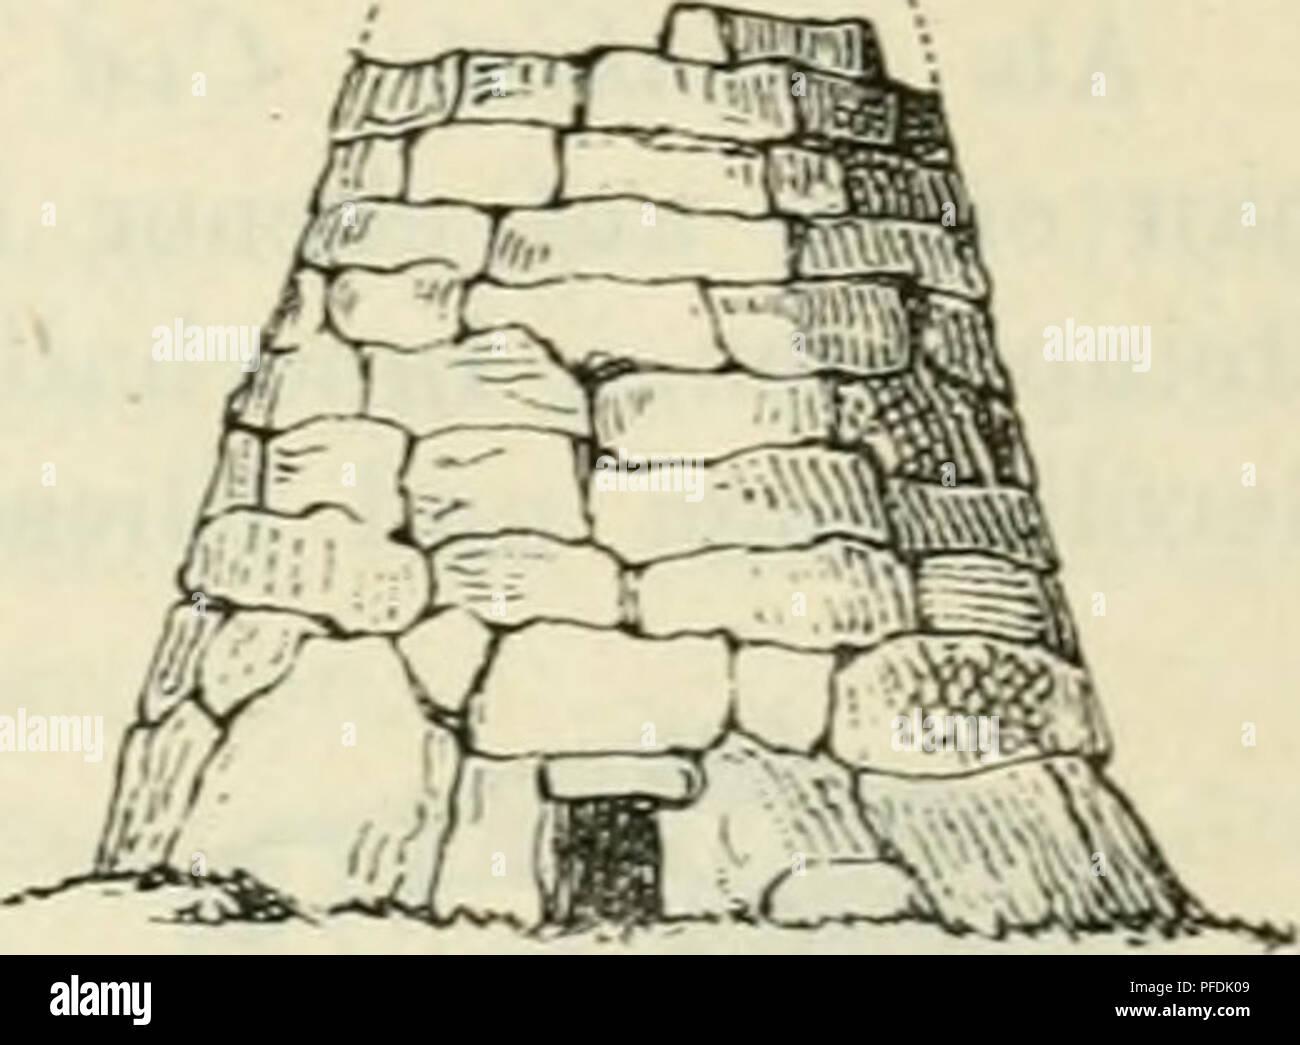 """. """"Der Beobachter""""; allgemeine Anleitung zu Beobachtungen über Land und Leute für Touristen, Exkursionisten und Forschungsreisende. Nach dem"""" Manuel du Voyageur"""", unter Mitwirkung des Verfassers. Fahrten und Reisen; wissenschaftliche Expeditionen. Abb. 2 Ö 4. Sterben Naos (Fht. 255 b), c) auf den Balearen sind lange kahnförmige Cairns (""""naoK = Kahn, kleines Schiff); die berühmten Pyramiden Egyptens endlich modalverbs als in riesigen Di- mensionen erstellte Cairns betrachtet werden. Abb. 855 ein. Bitte beachten Sie, dass diese Bilder aus gescannten Seite Bilder, die digital verbessert worden sein können extrahiert werden Stockbild"""